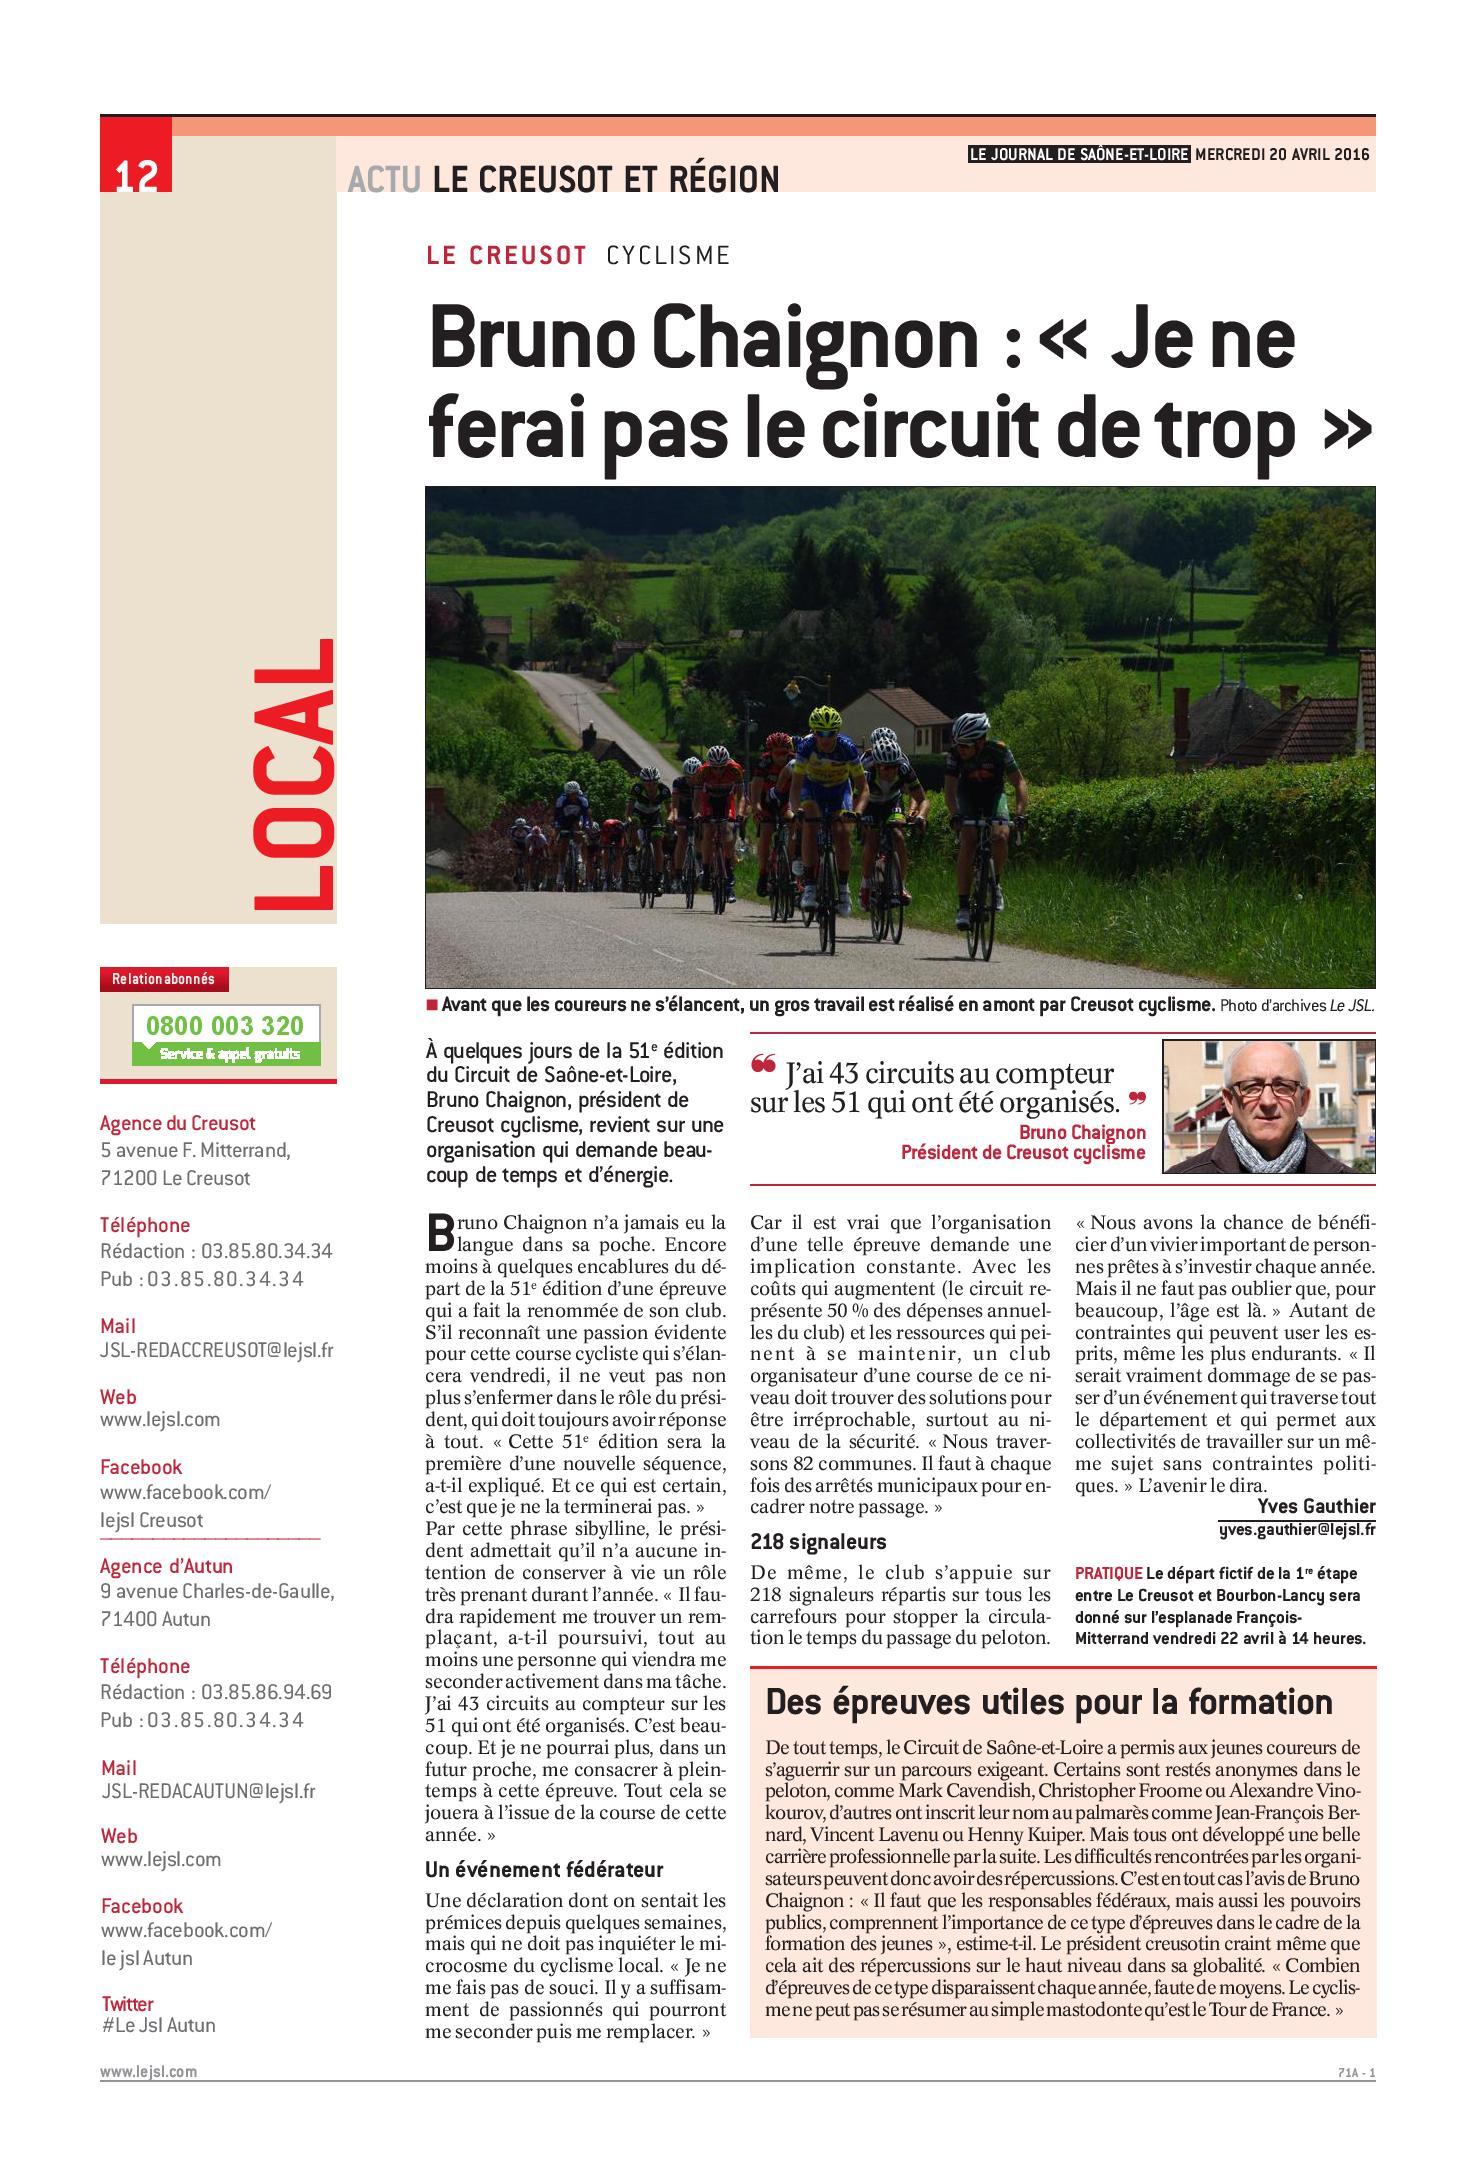 PDF-Page_12-edition-d-autun-le-creusot_20160420-page-001